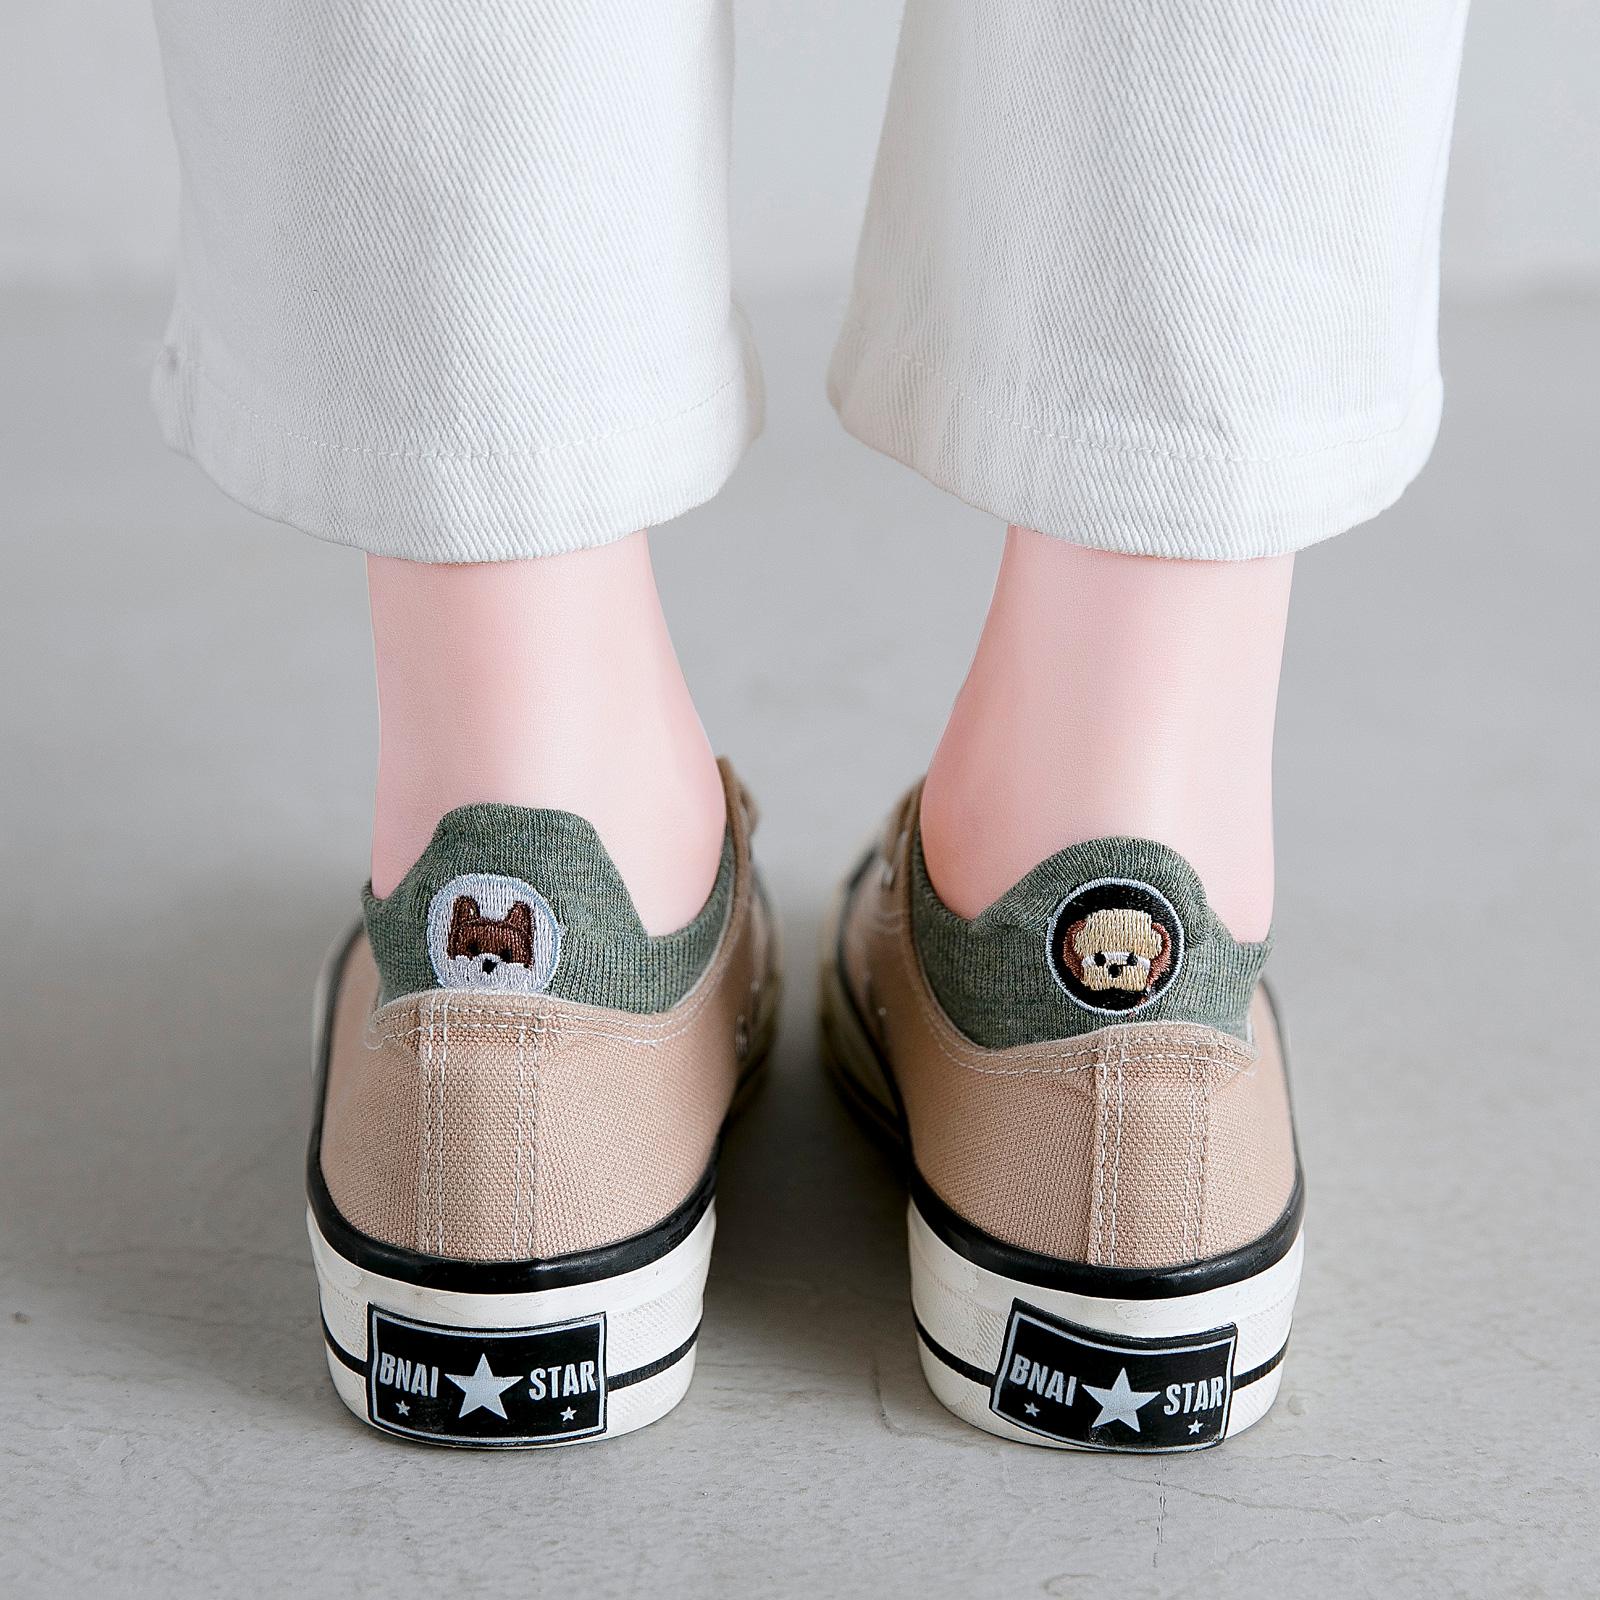 潮中筒秋季可爱日系女生搞怪夏季纯棉船袜 ins 袜子女短袜浅口韩国